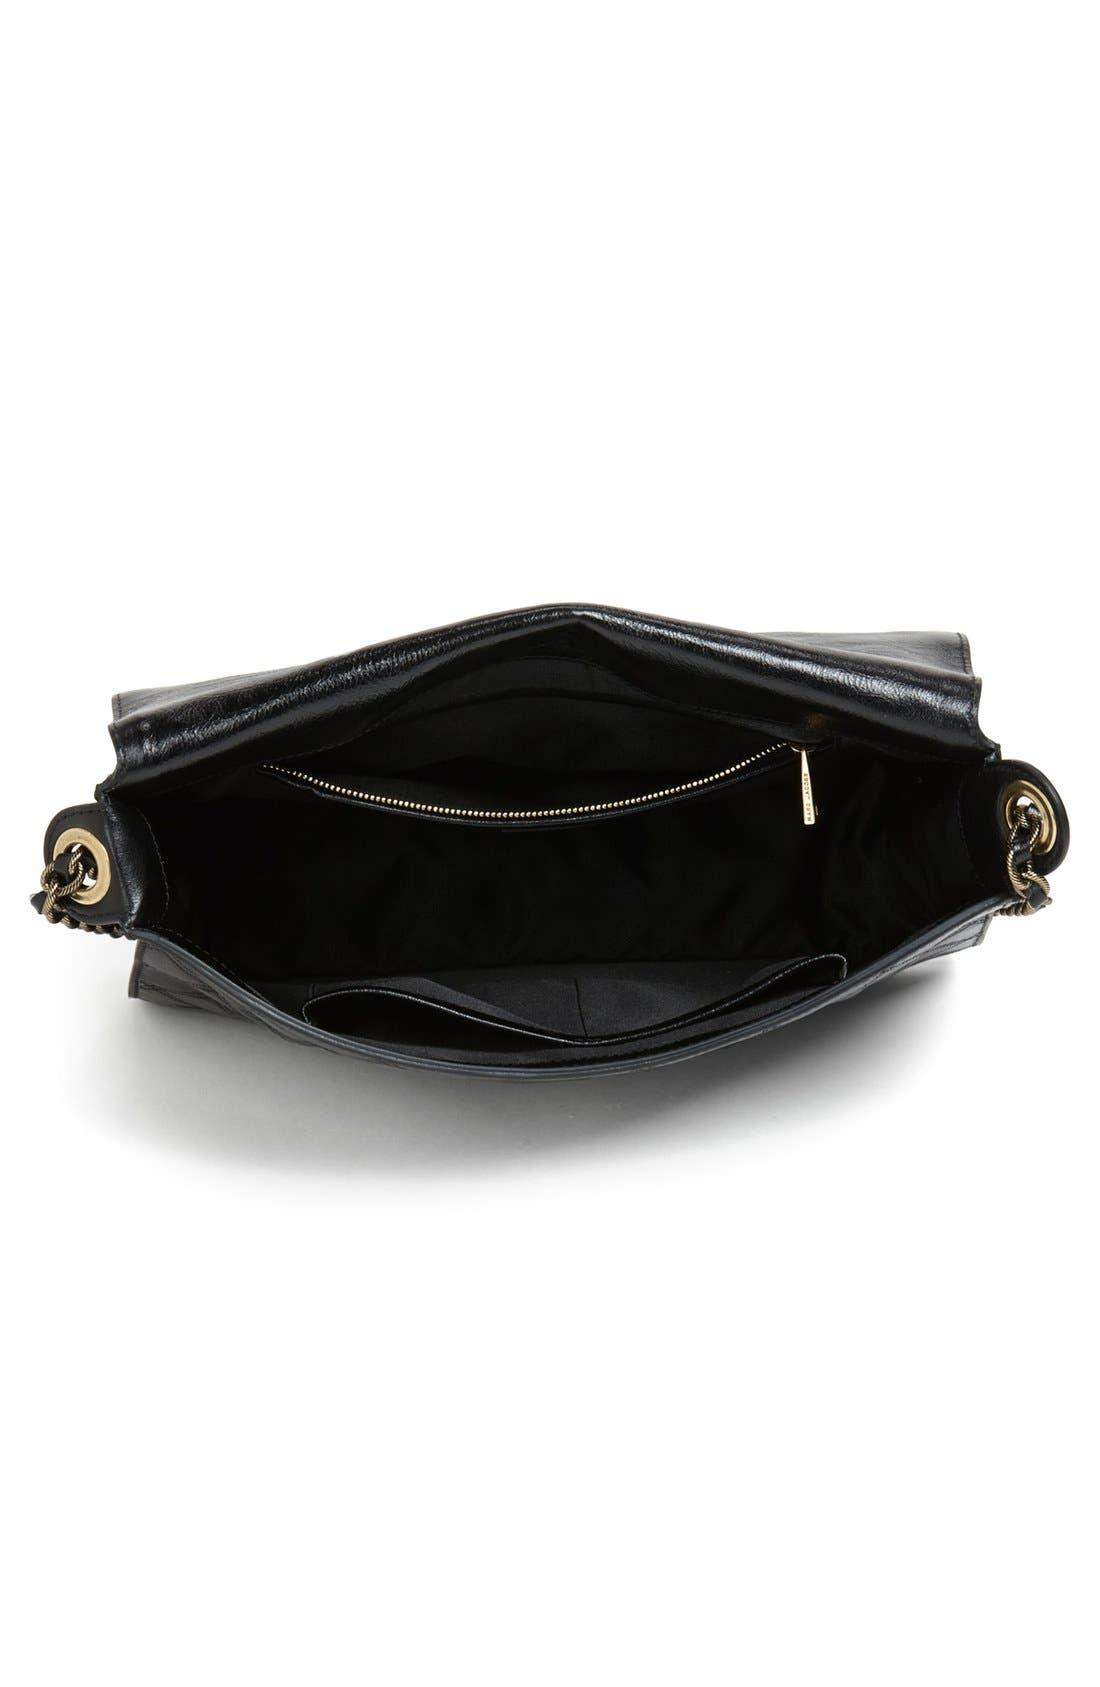 Alternate Image 3  - MARC JACOBS 'The Lads' Leather Shoulder Bag